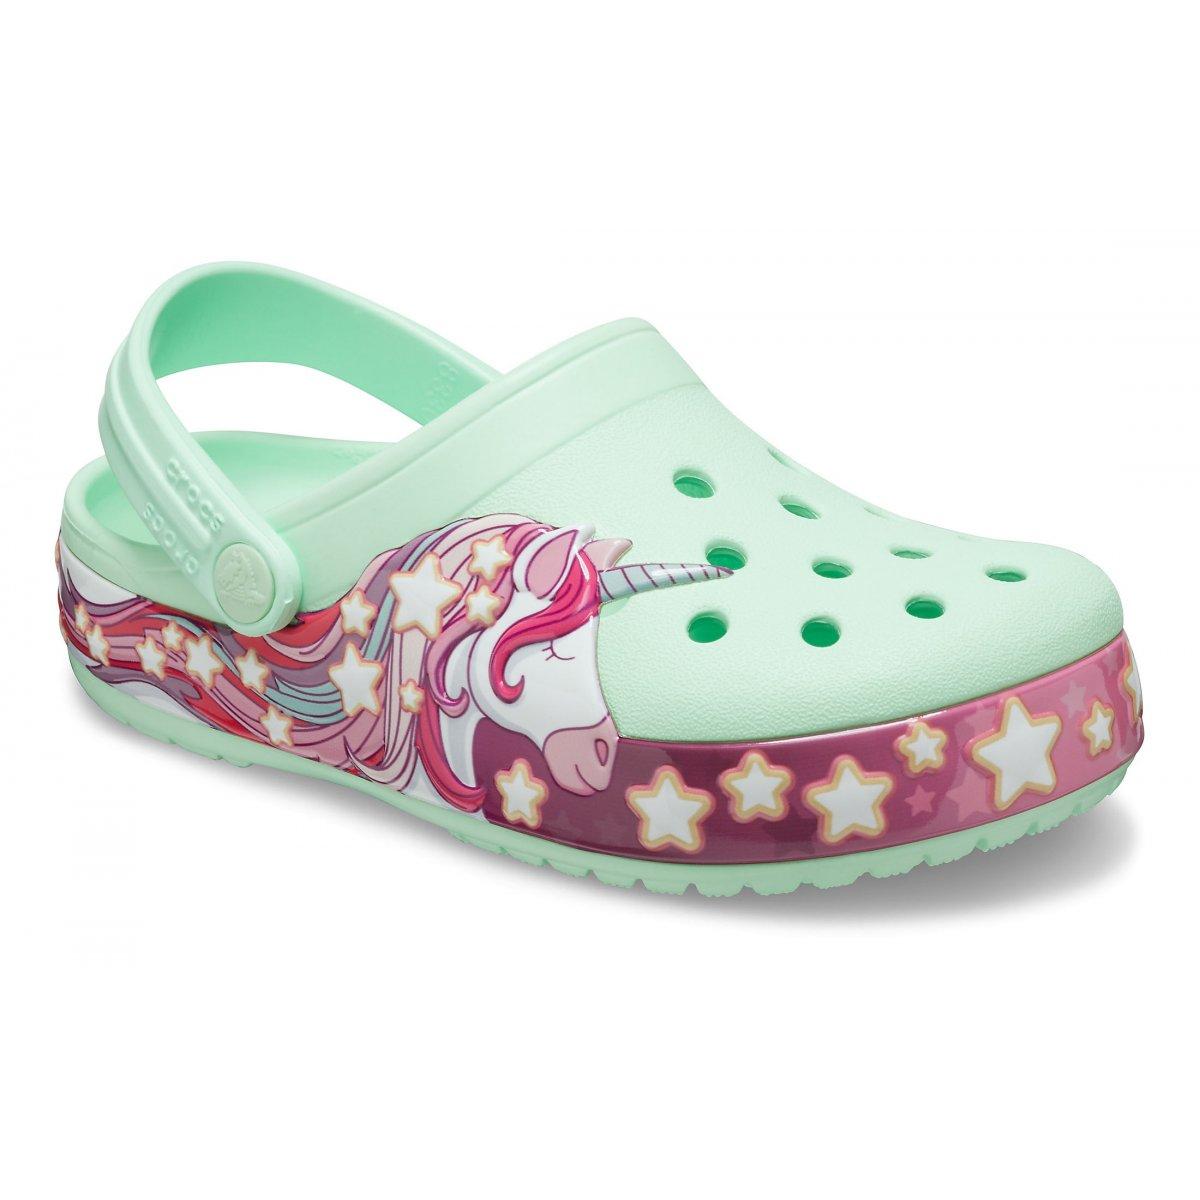 Crocs Unicorn Band Clog...